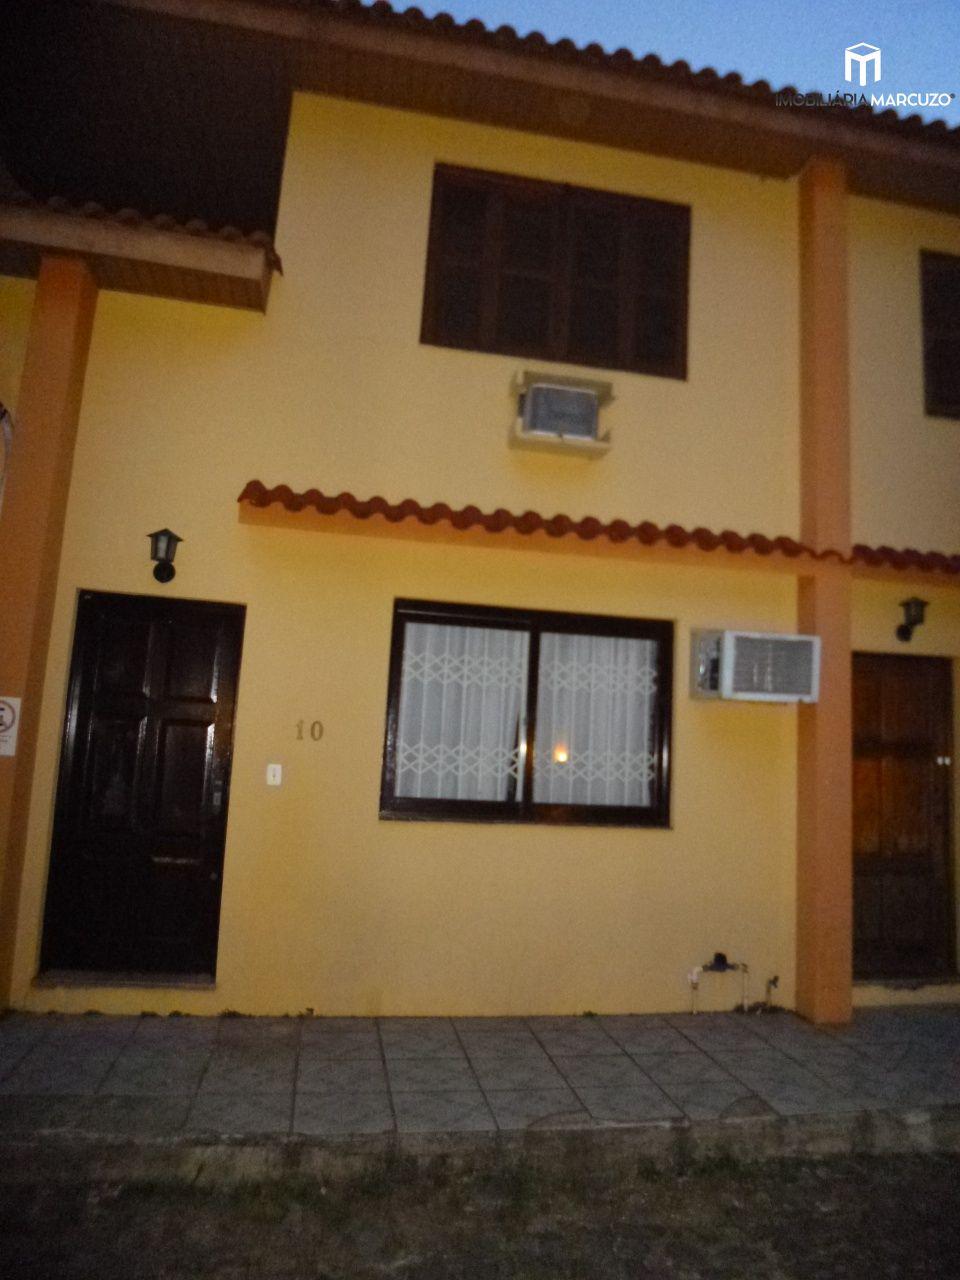 Casa com 2 Dormitórios à venda, 80 m² por R$ 245.000,00